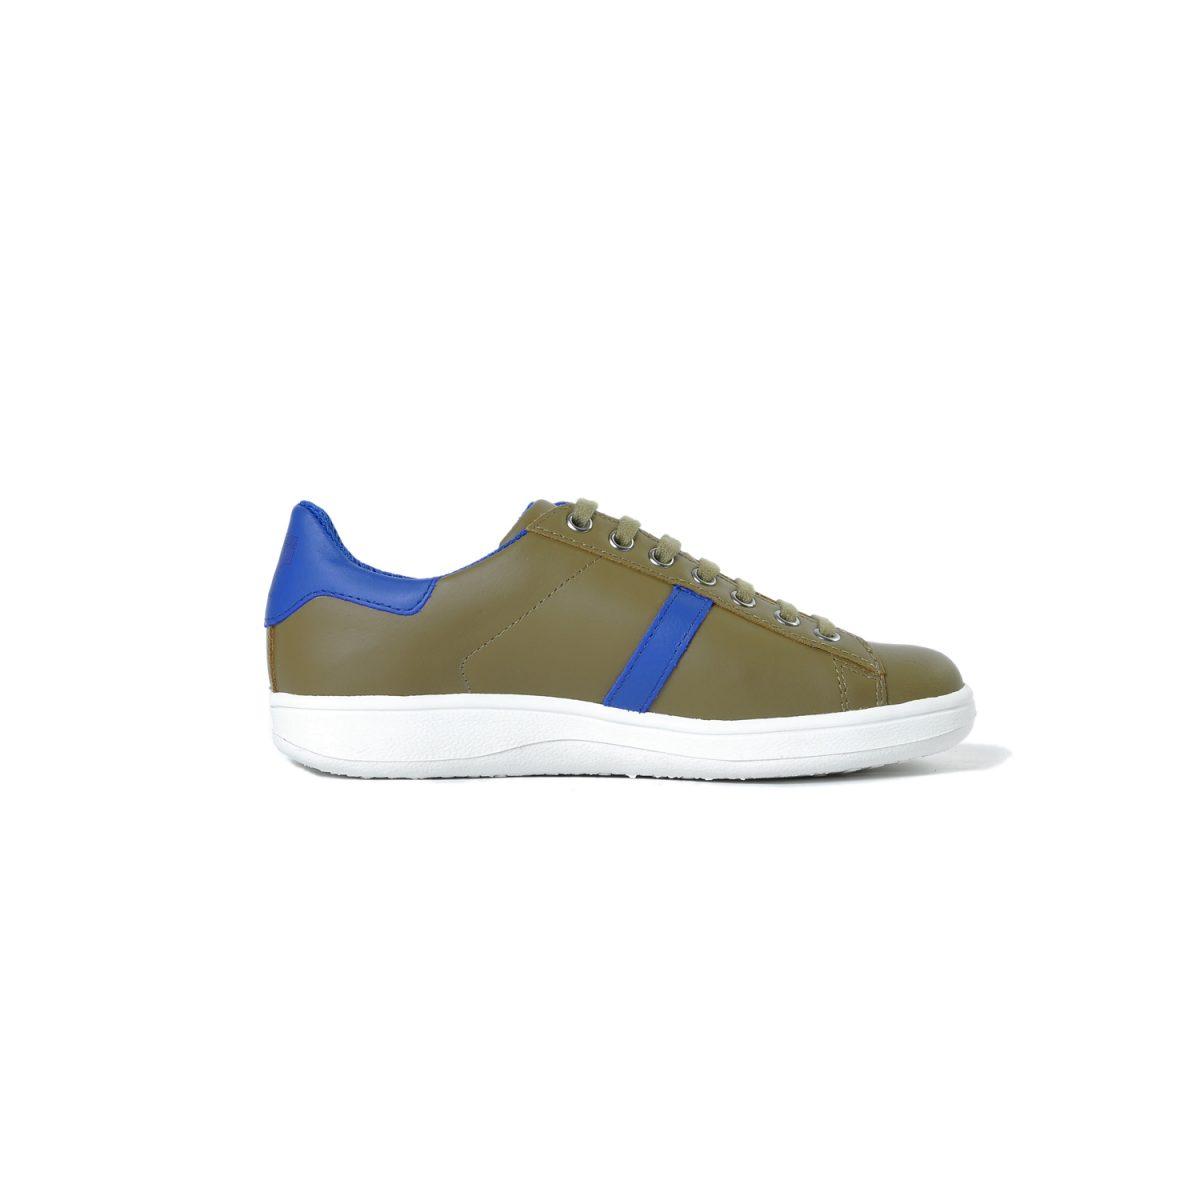 Tisza shoes - Tradíció'80 - Khaki-indigo